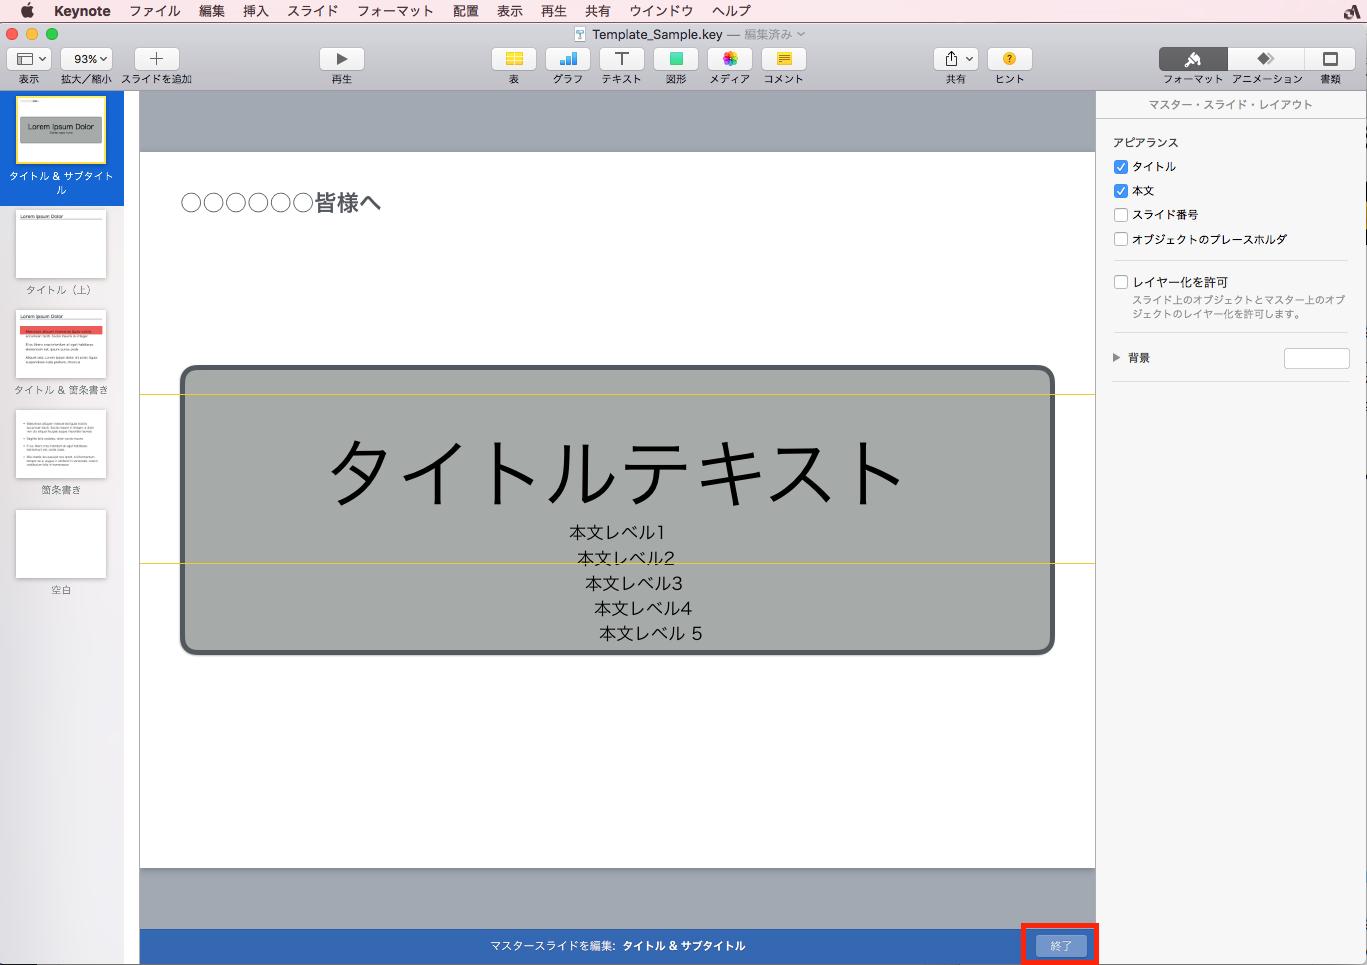 03_Keynoteでテンプレート